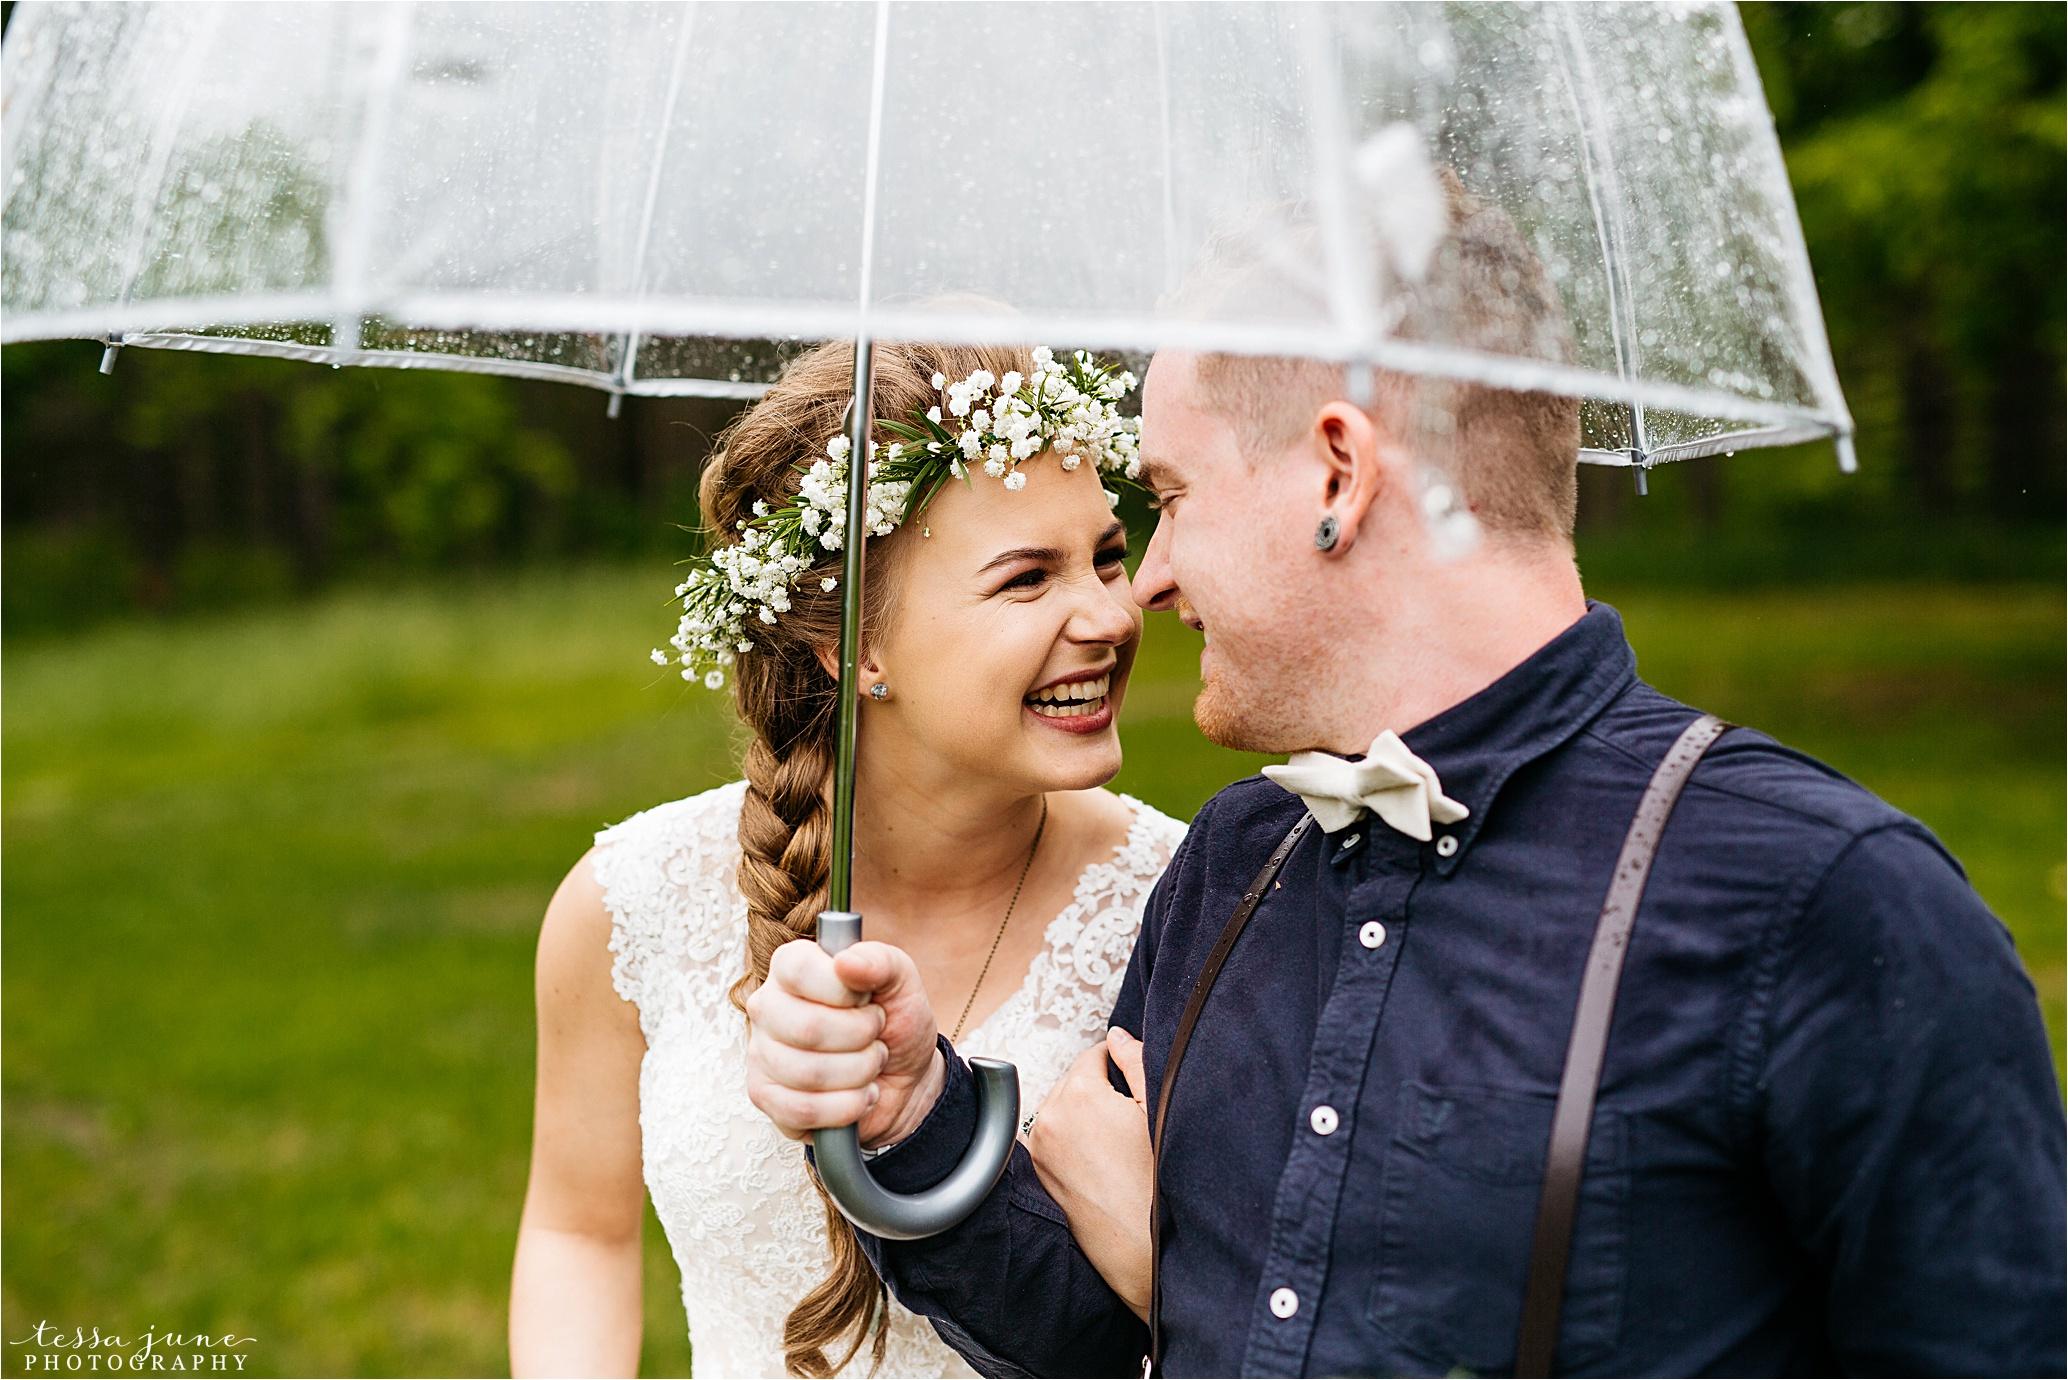 bohemian-forest-wedding-stillwater-minnesota-flower-crown-st-cloud-photographer